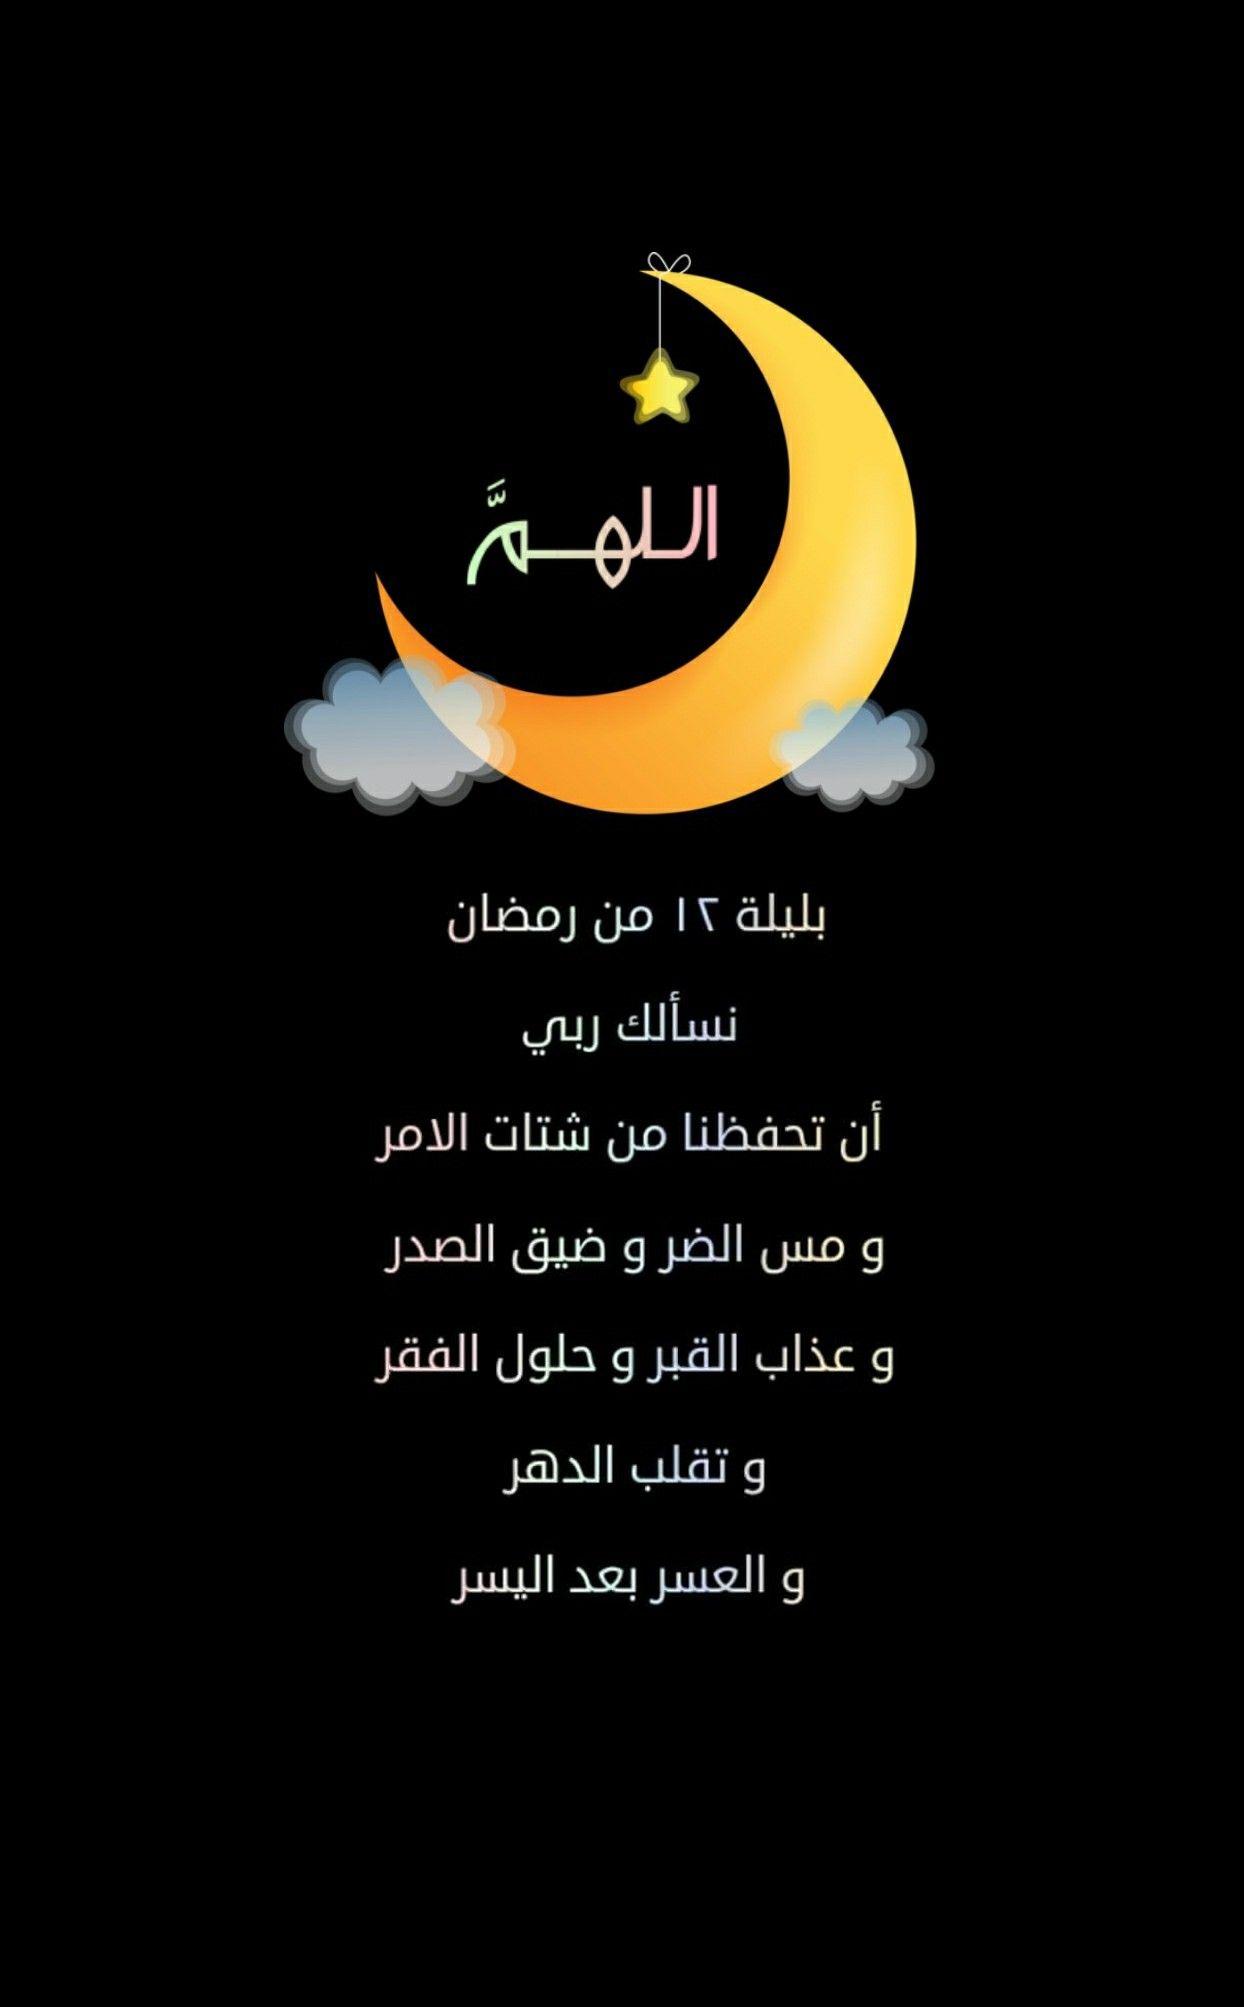 اللهــــم بليلة ١٢ من رمضان نسألك ربي أن تحفظنا من شتات الامر و مس الضر و ضيق الصدر و عذاب القبر و حلول الفقر Ramadan Day Ramadan Quotes Ramadan Greetings